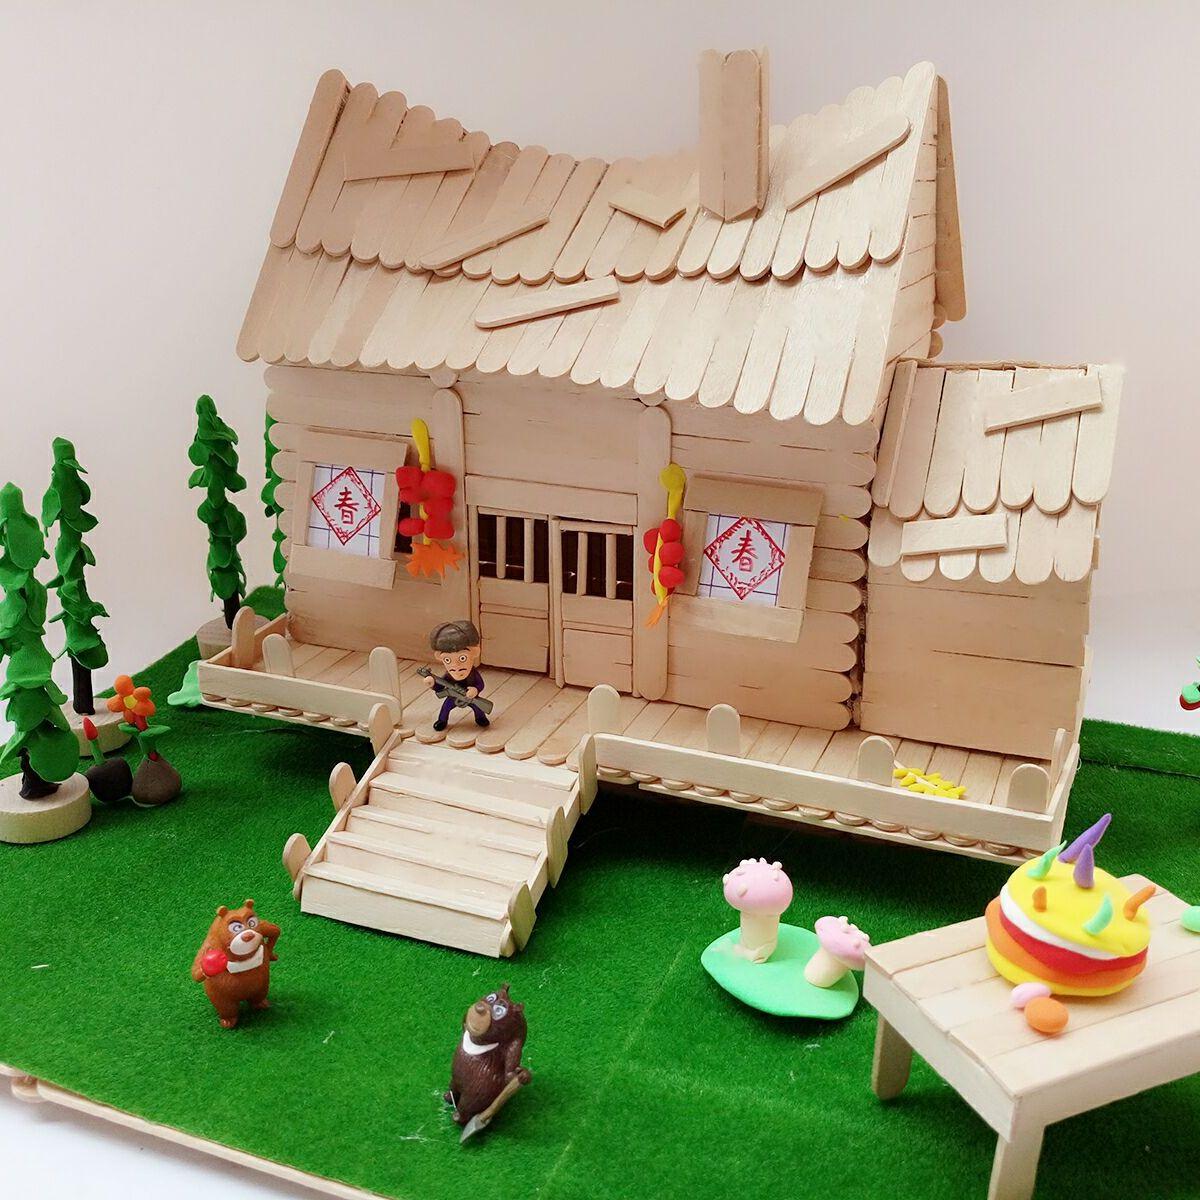 热卖一次性筷子手工拼装小木屋模型竹棒竹签diy制作房子小木棍棒材料